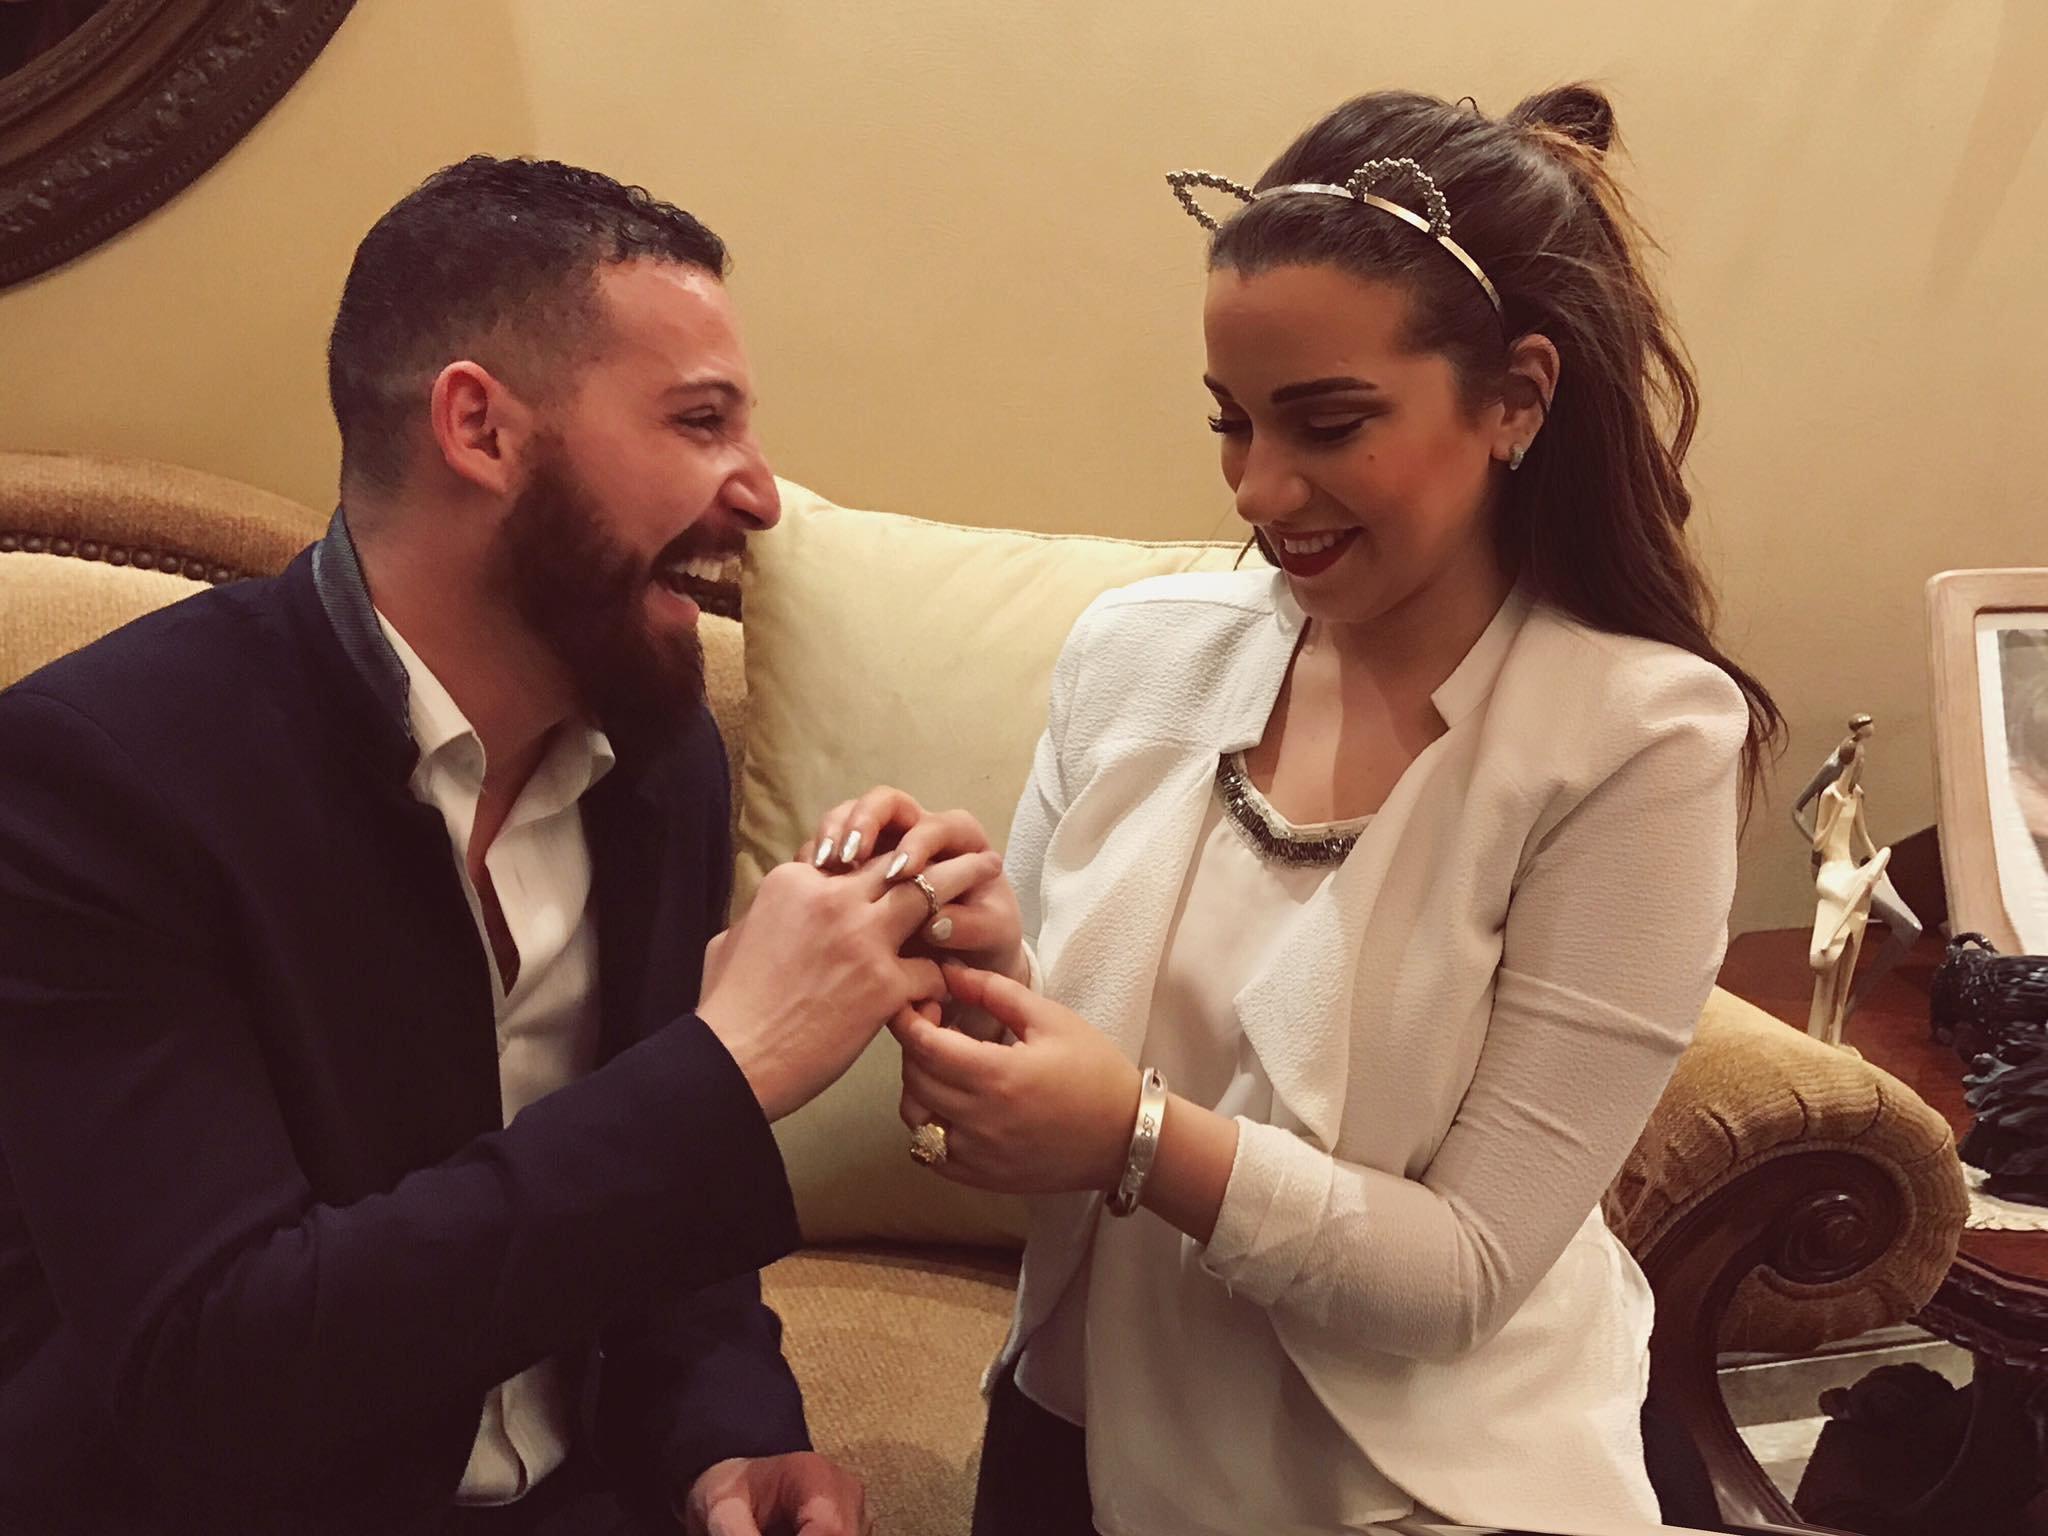 خطوبة ابنة الفنان شريف منير ومفاجأة من العريس